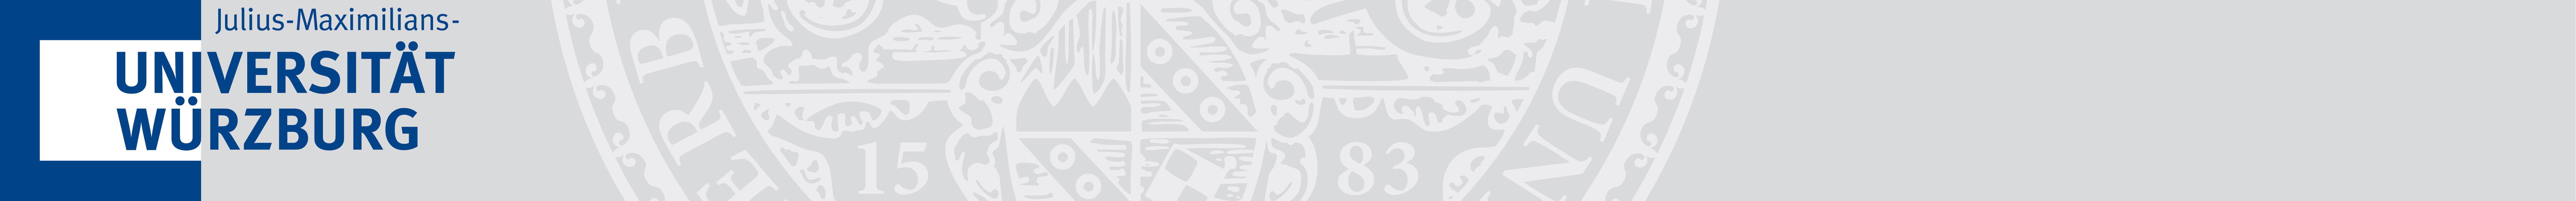 test/decks/assets/title-banner-jmu.jpg